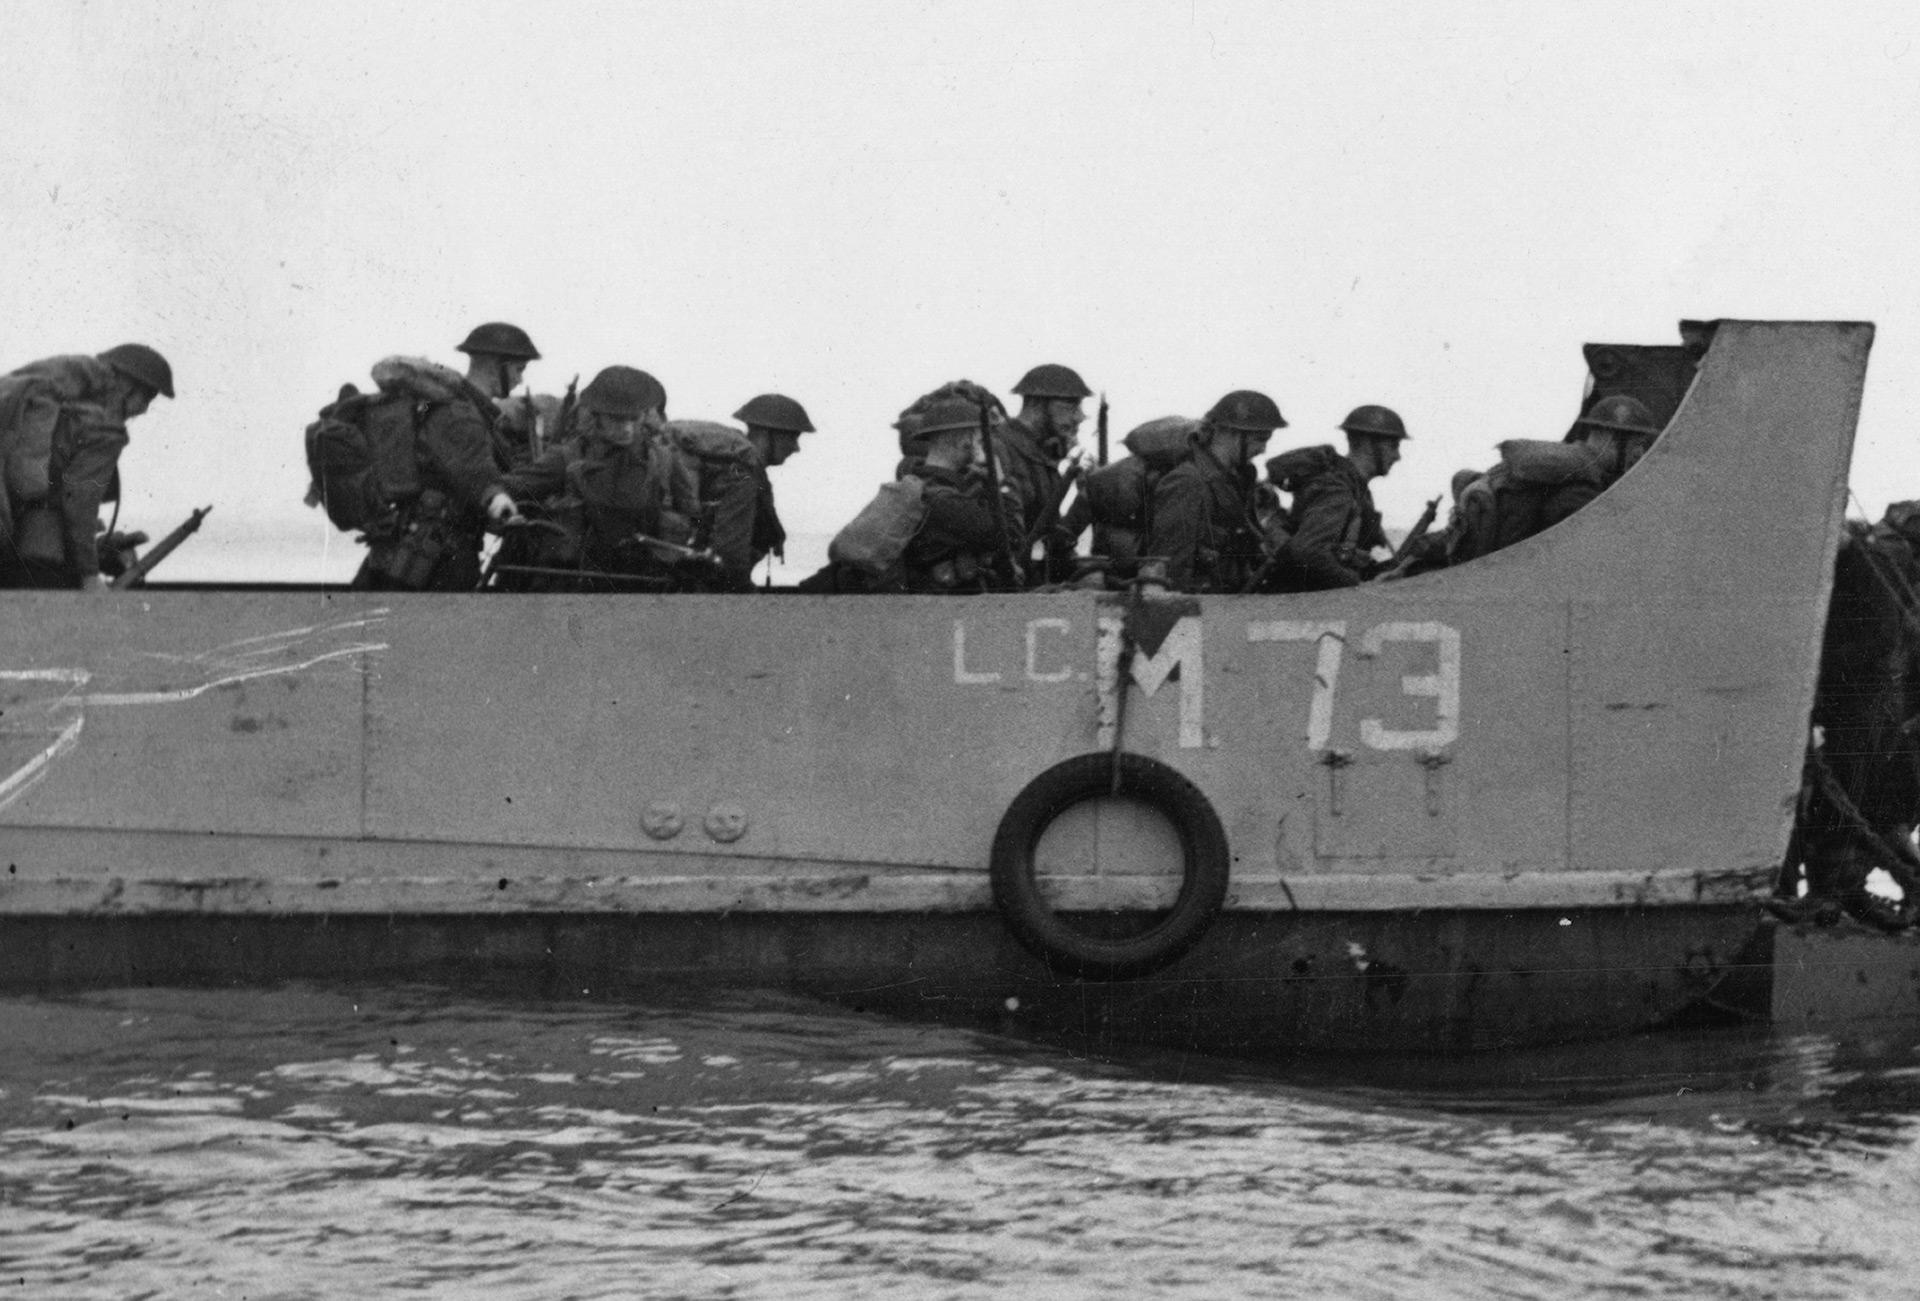 Fue la primera operación anfibia aliada(Keystone/Hulton Archive/Getty Images)